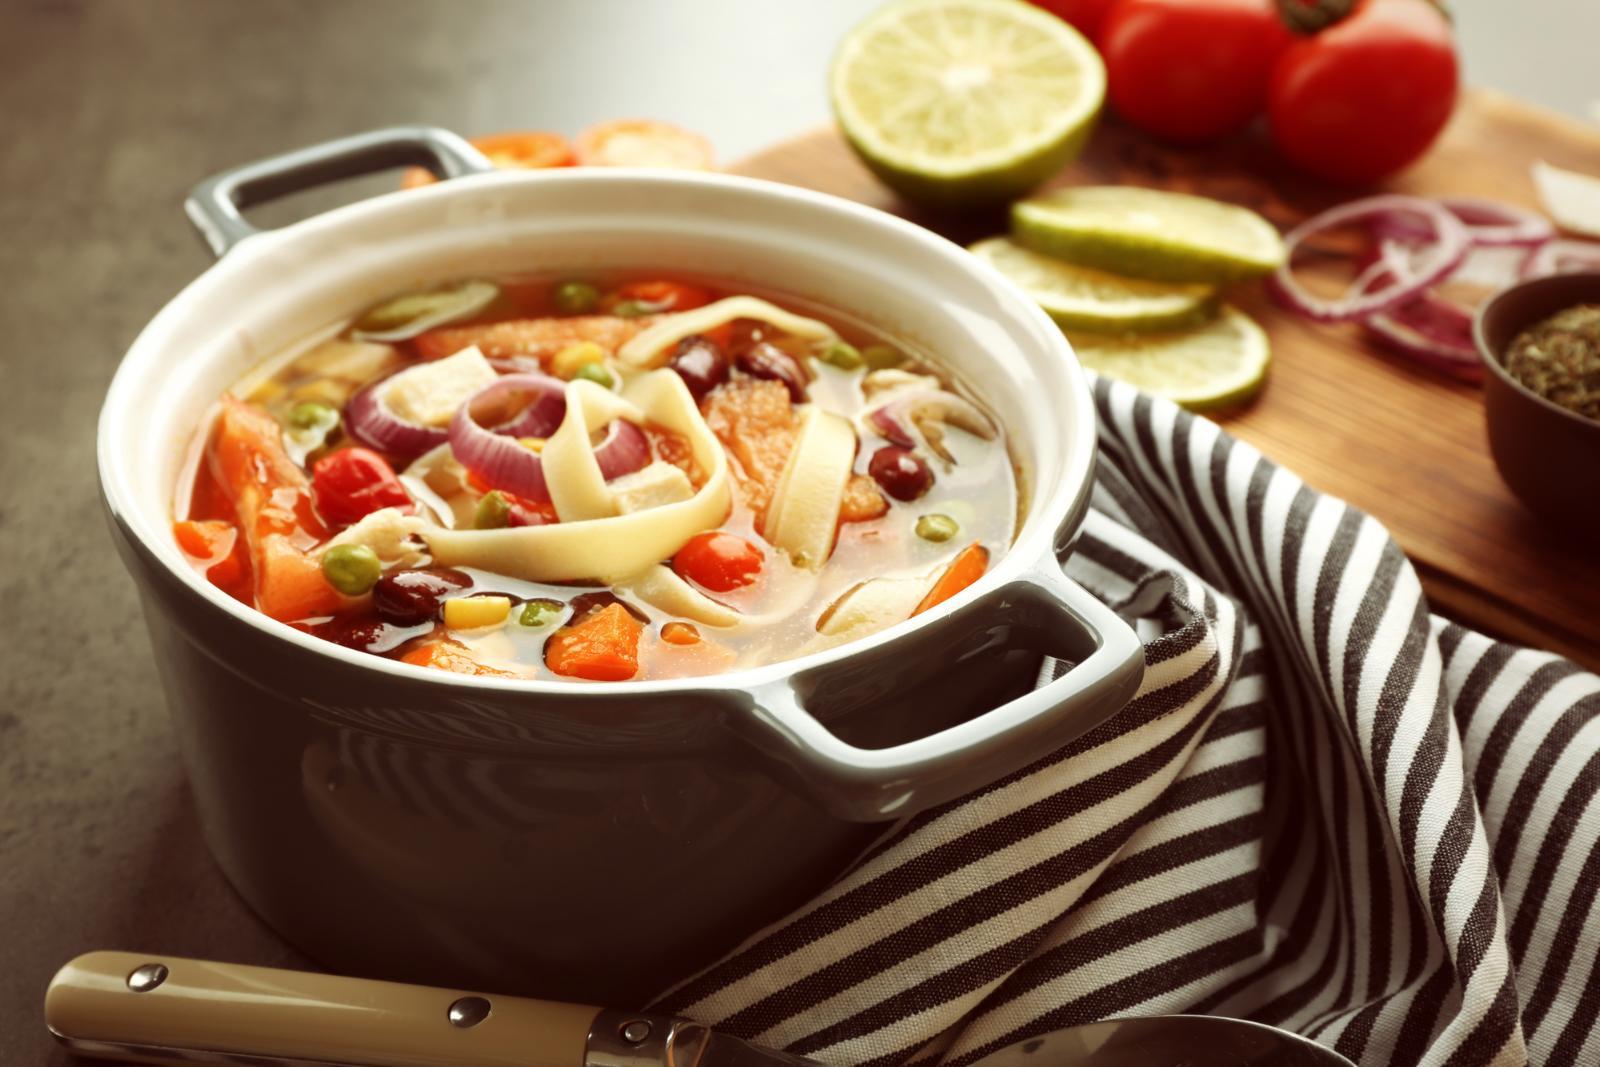 Суп с колбасой и макаронами. Ням-ням!